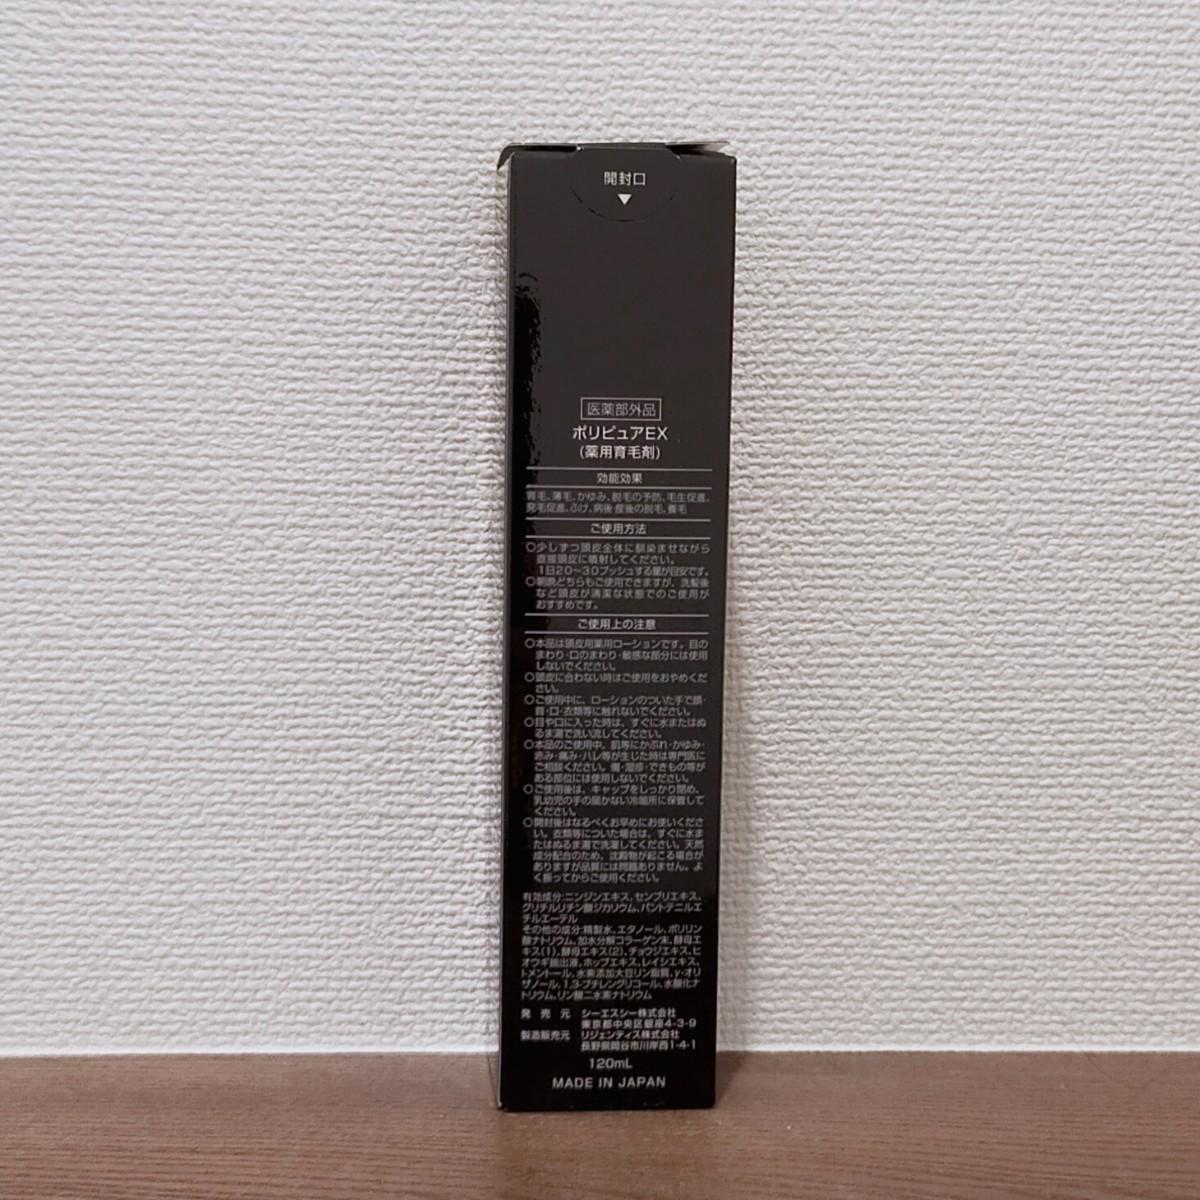 #1032 シーエスシー 薬用ポリピュアEX 120ml